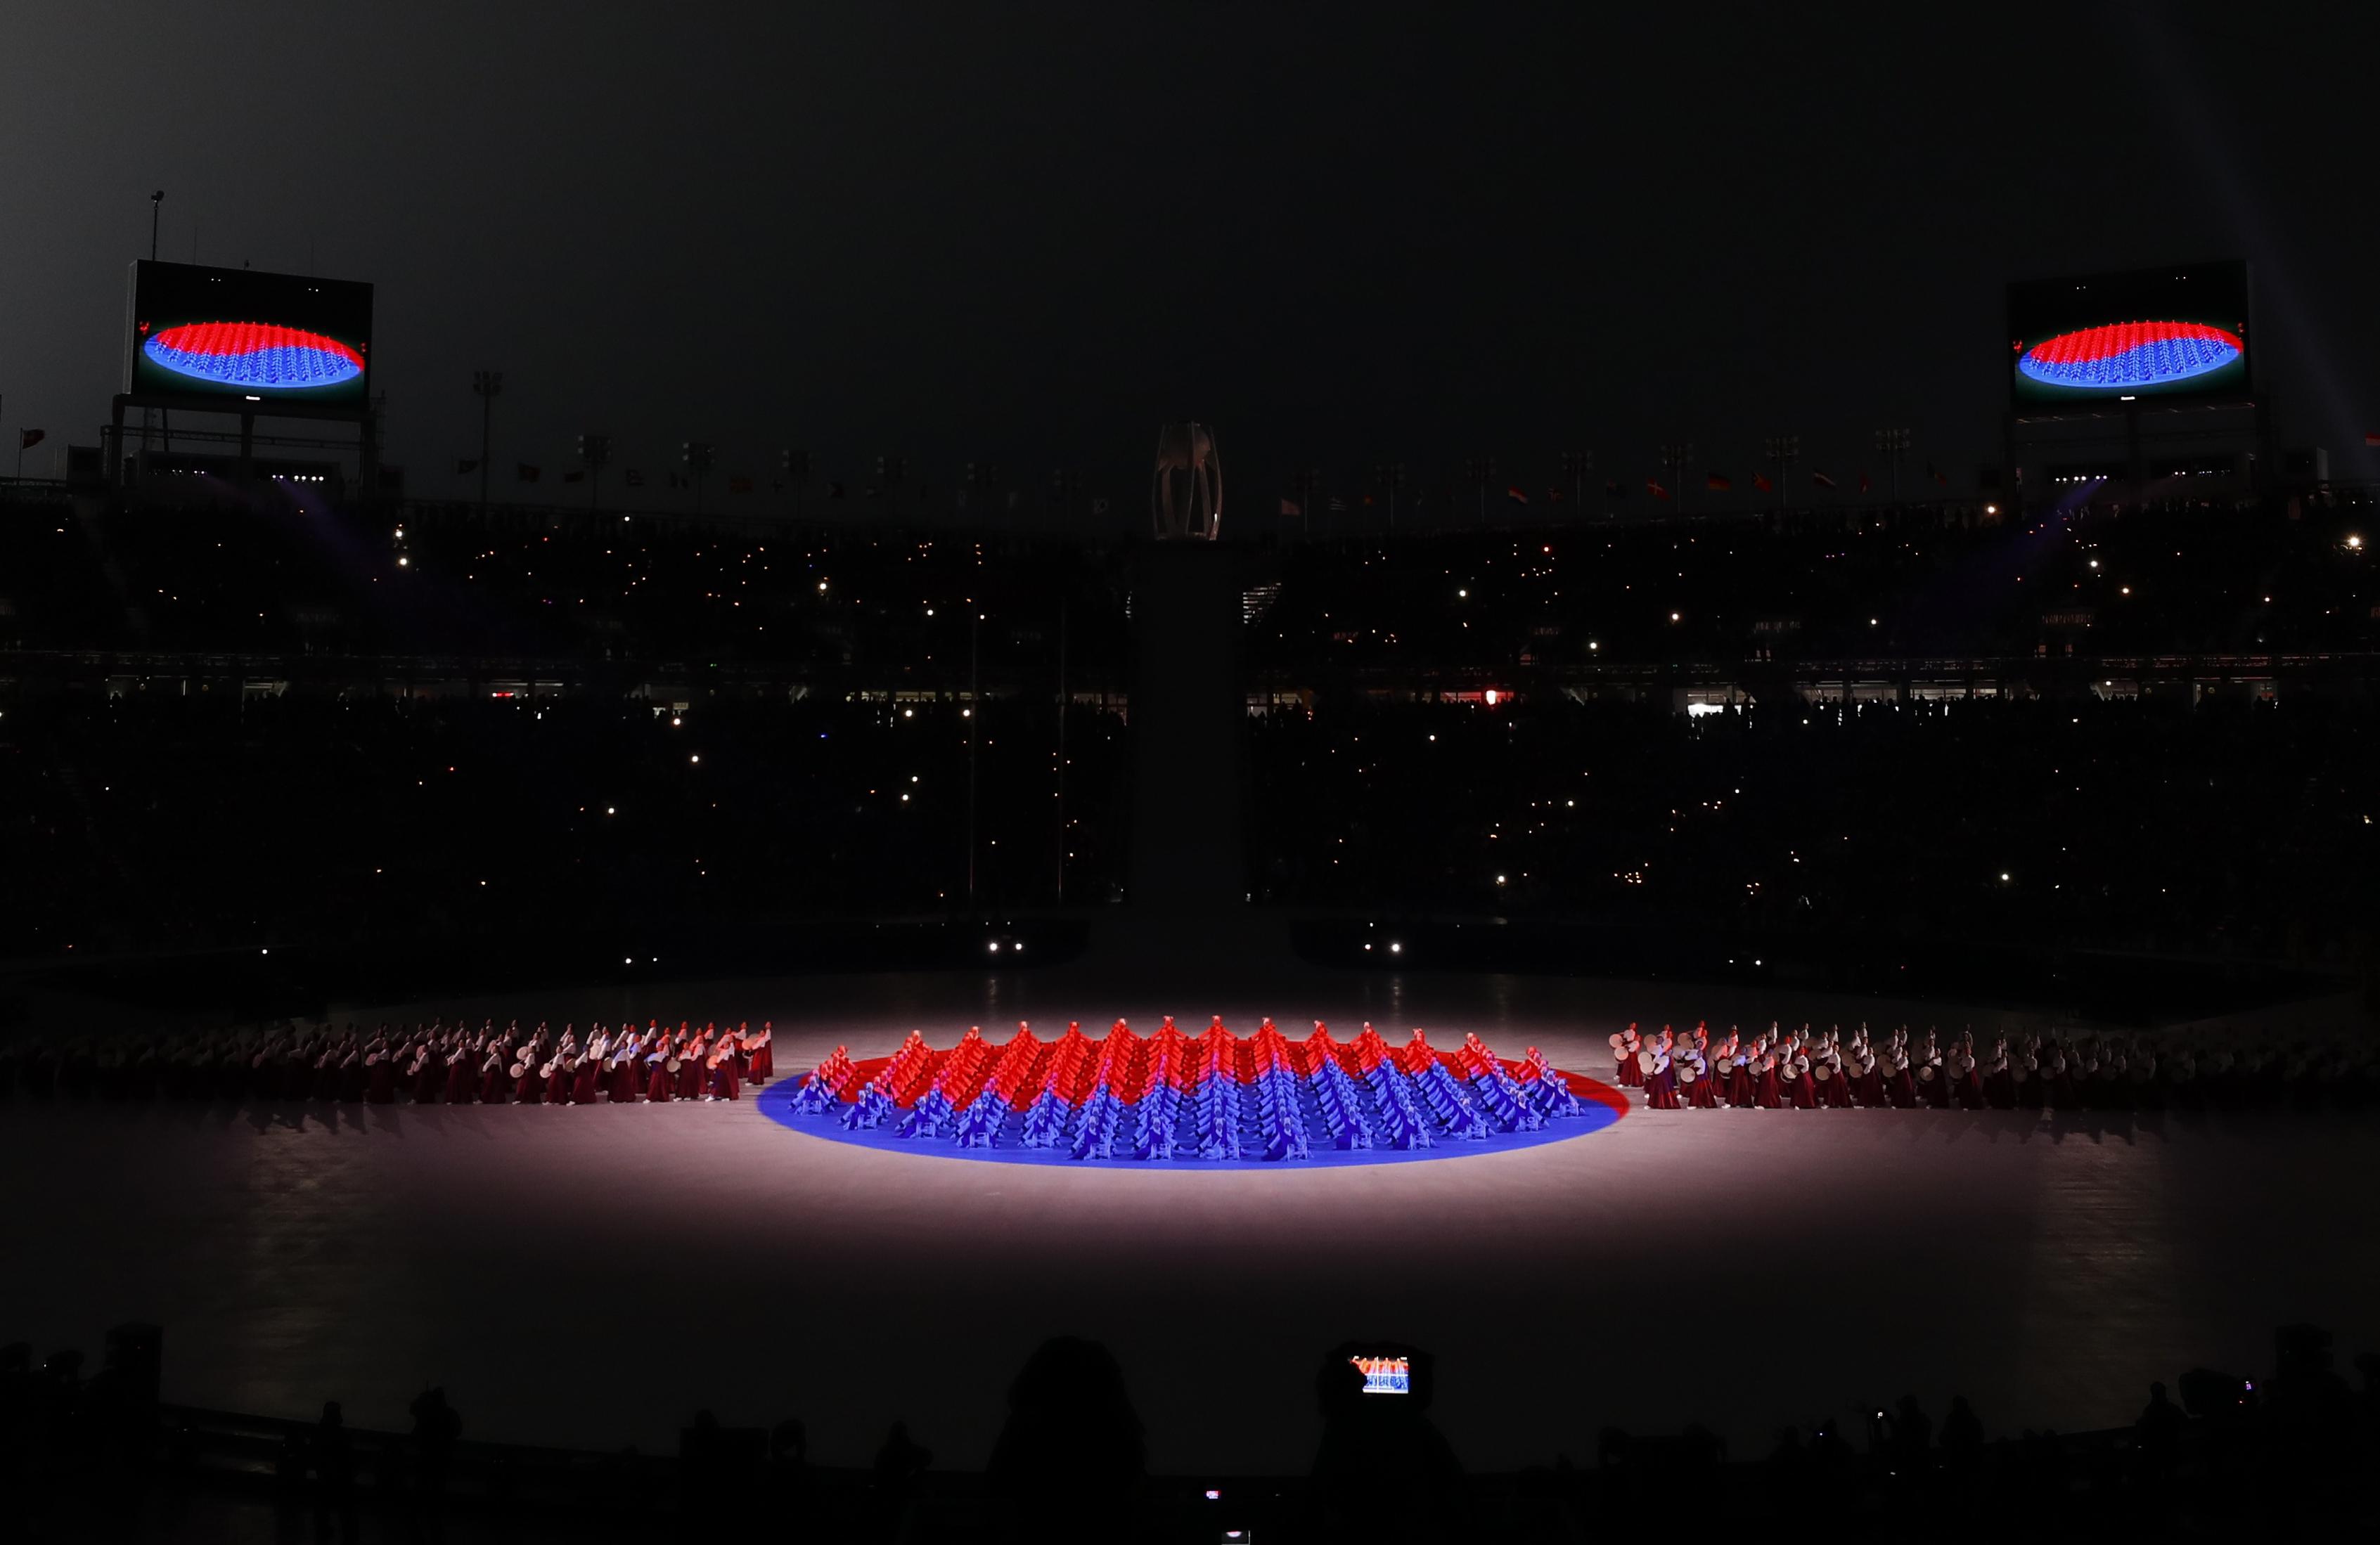 تشكيل ضوئى لعلم كوريا الشمالية